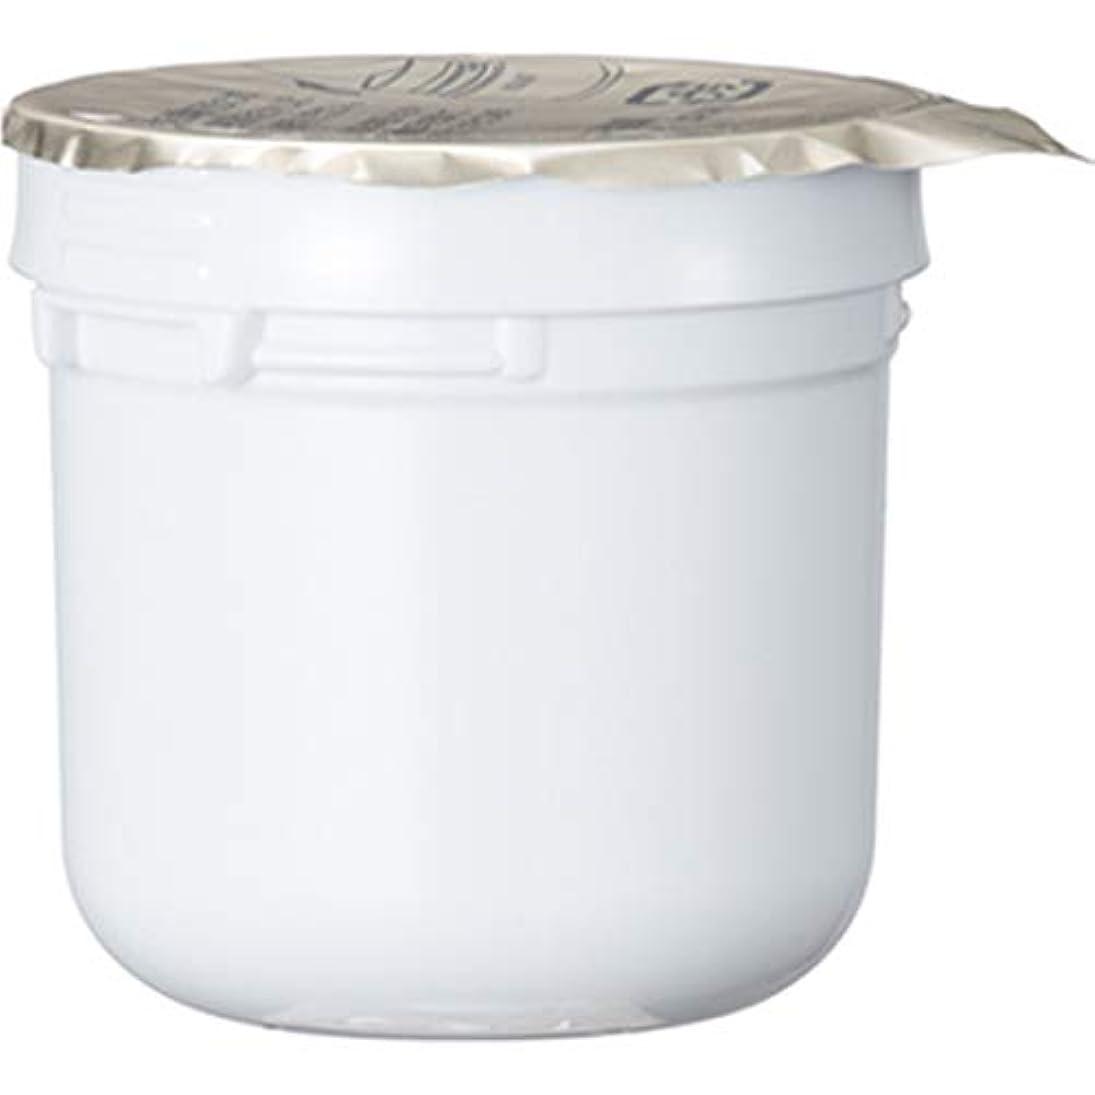 希少性ずらすプロペラASTALIFT(アスタリフト) ホワイト クリーム(美白クリーム)レフィル 30g [並行輸入品]